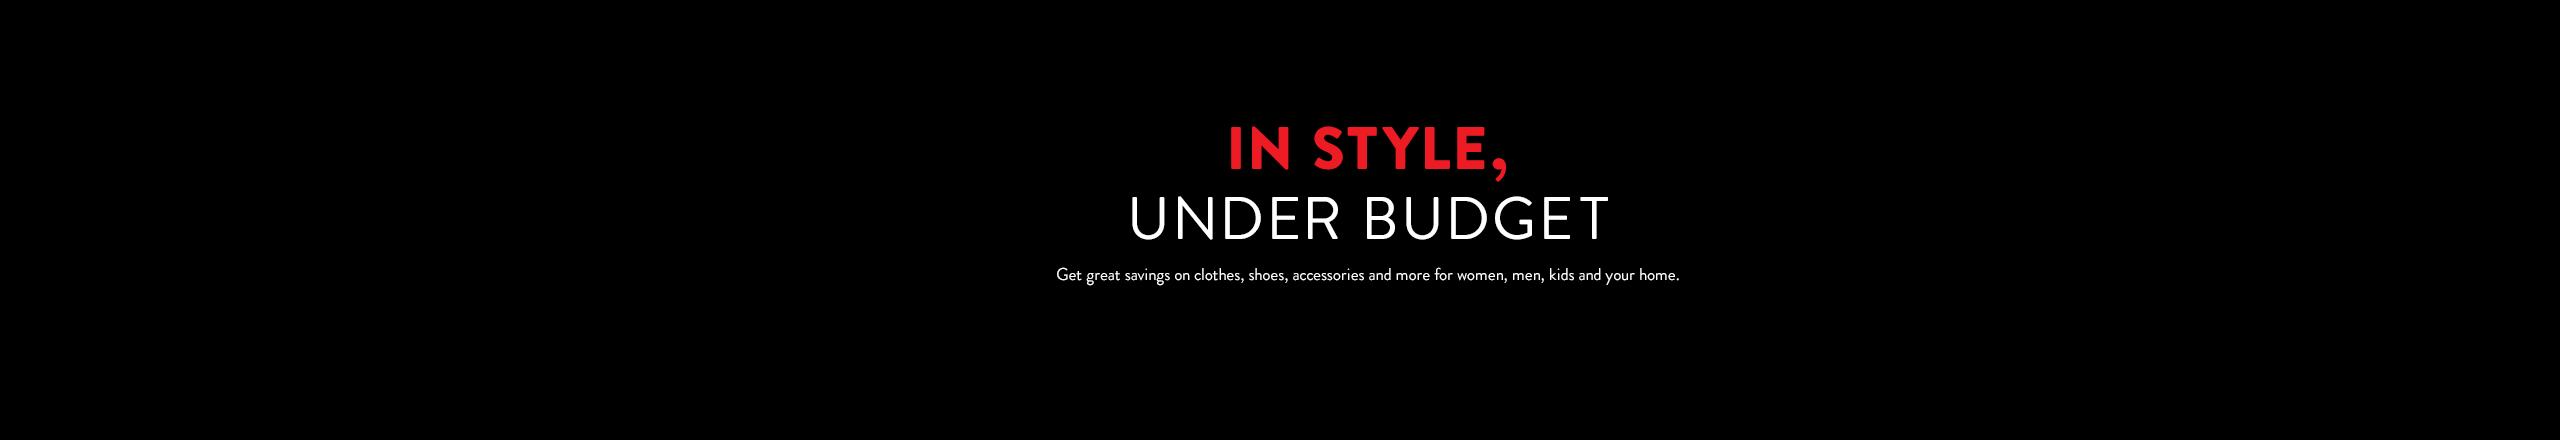 On trend, under budget.